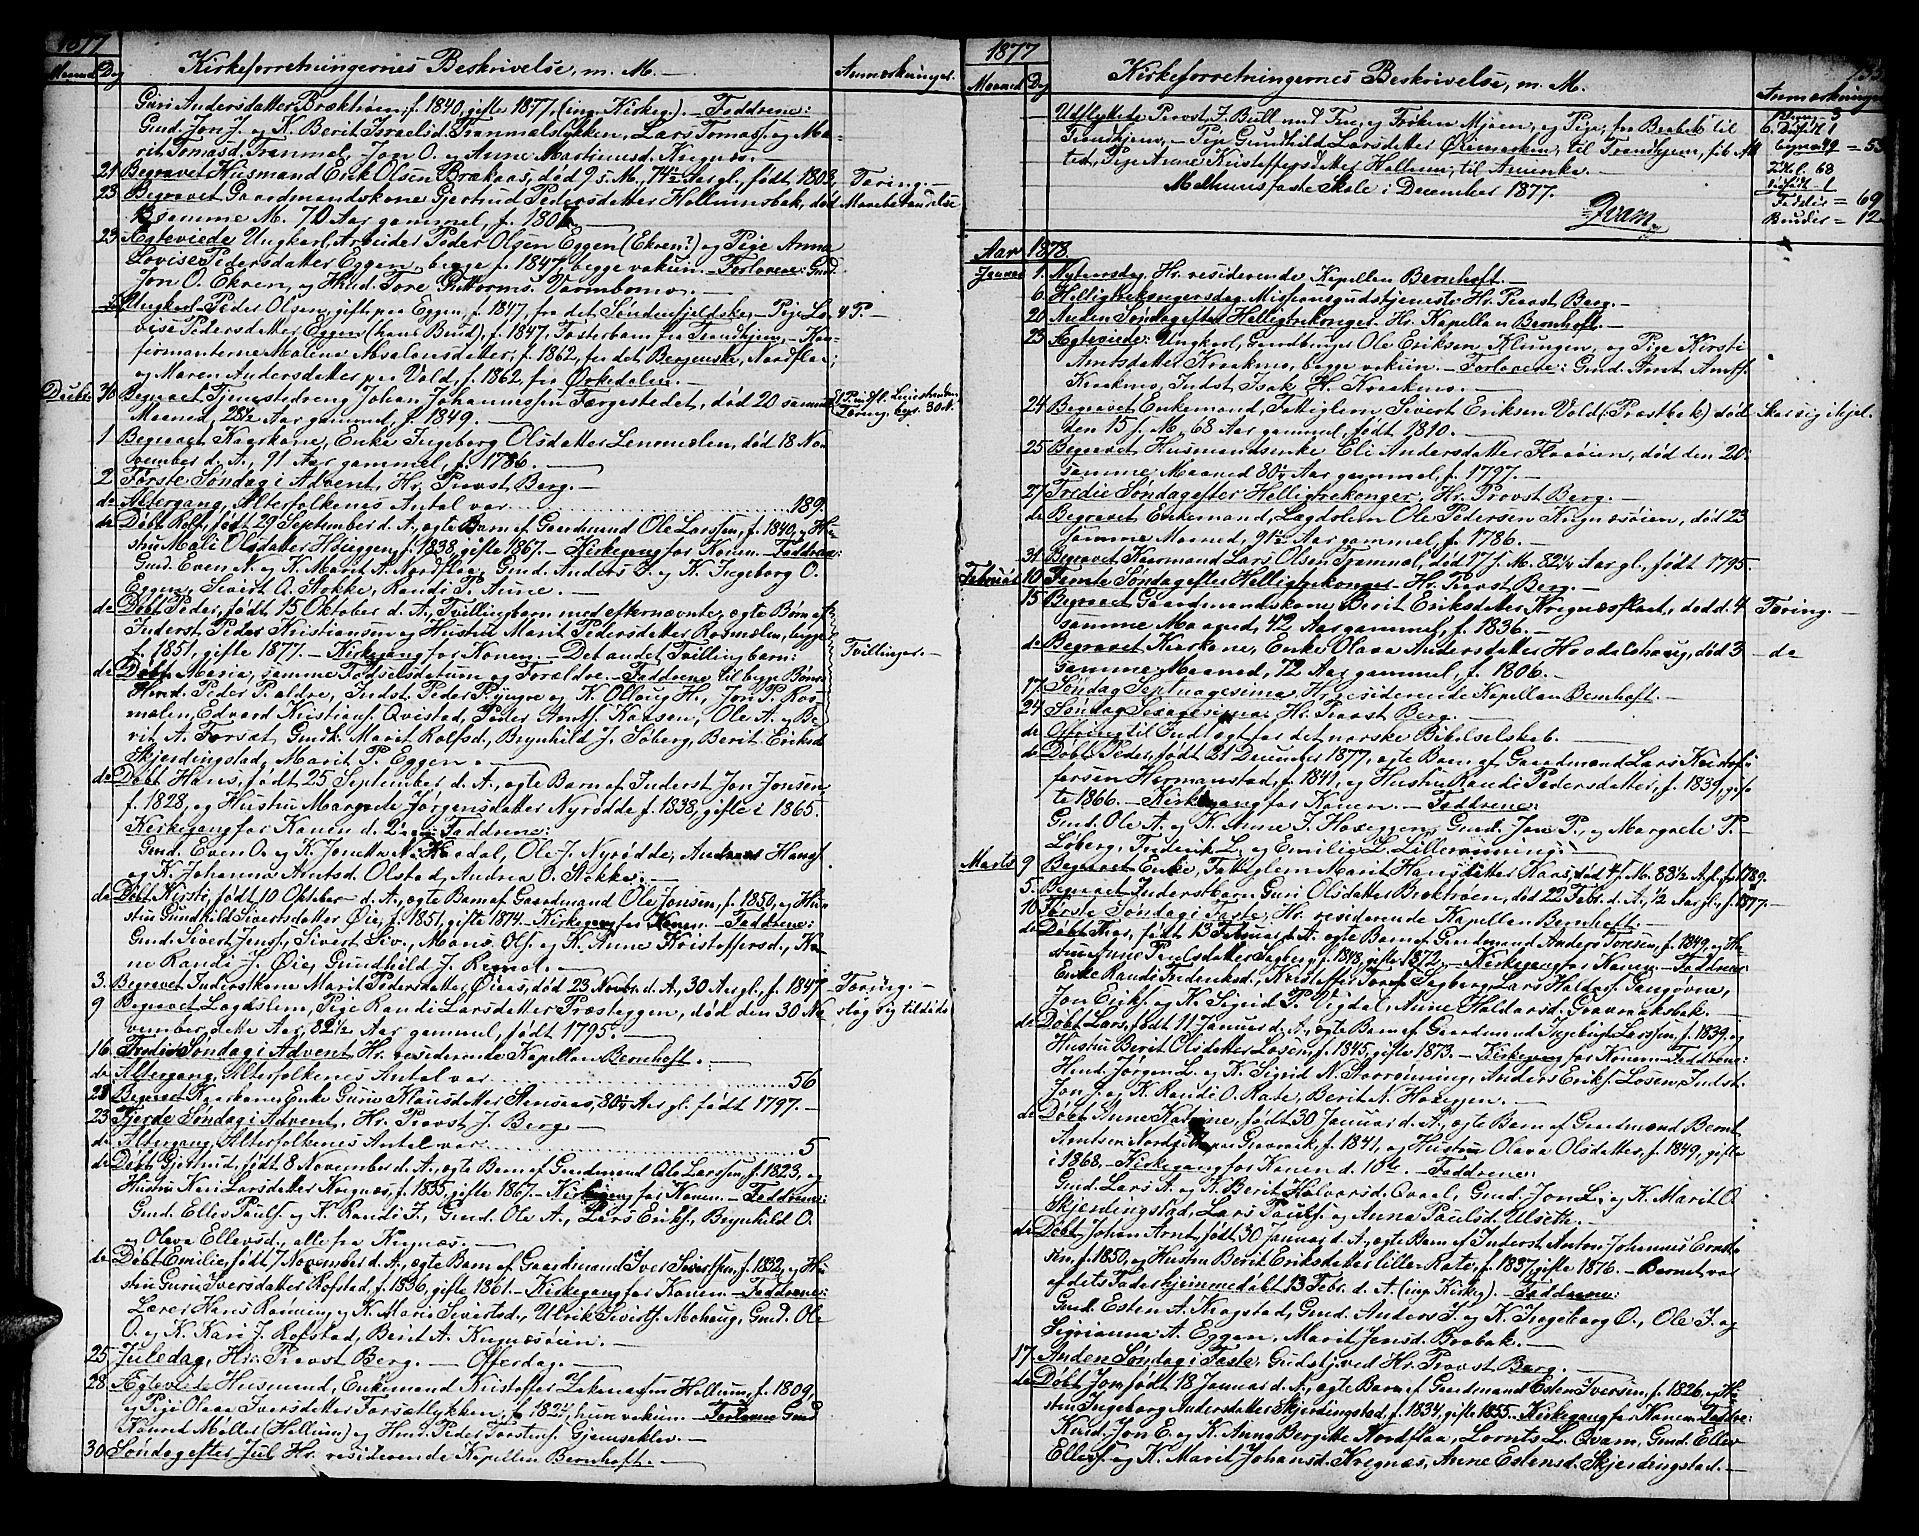 SAT, Ministerialprotokoller, klokkerbøker og fødselsregistre - Sør-Trøndelag, 691/L1093: Klokkerbok nr. 691C04, 1852-1879, s. 135